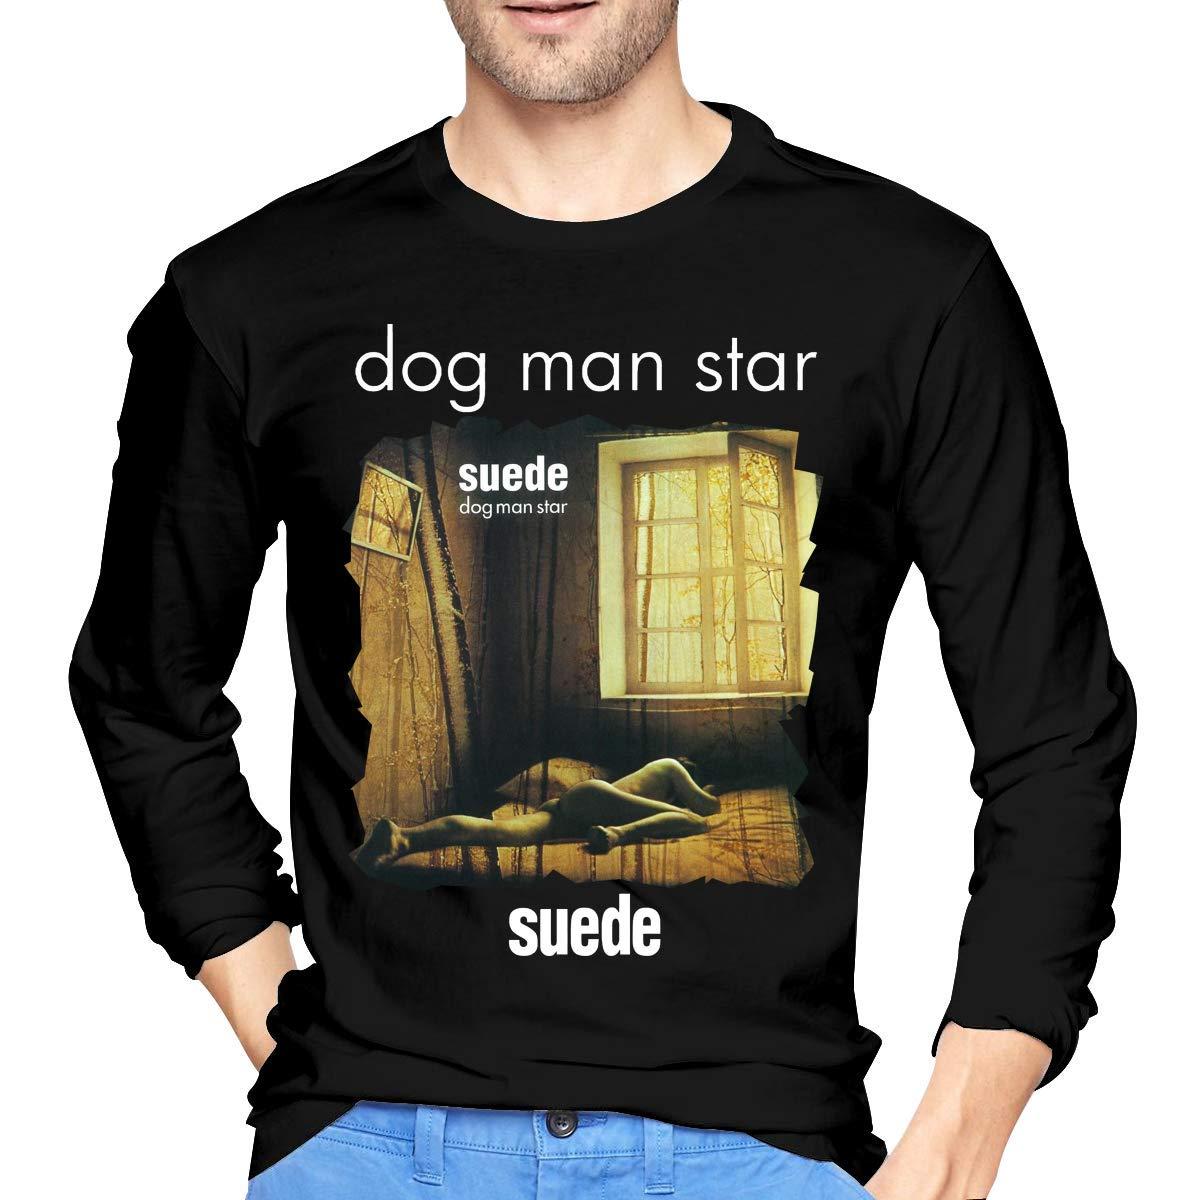 Fssatung S Suede Dog Man Star Tshirt Black